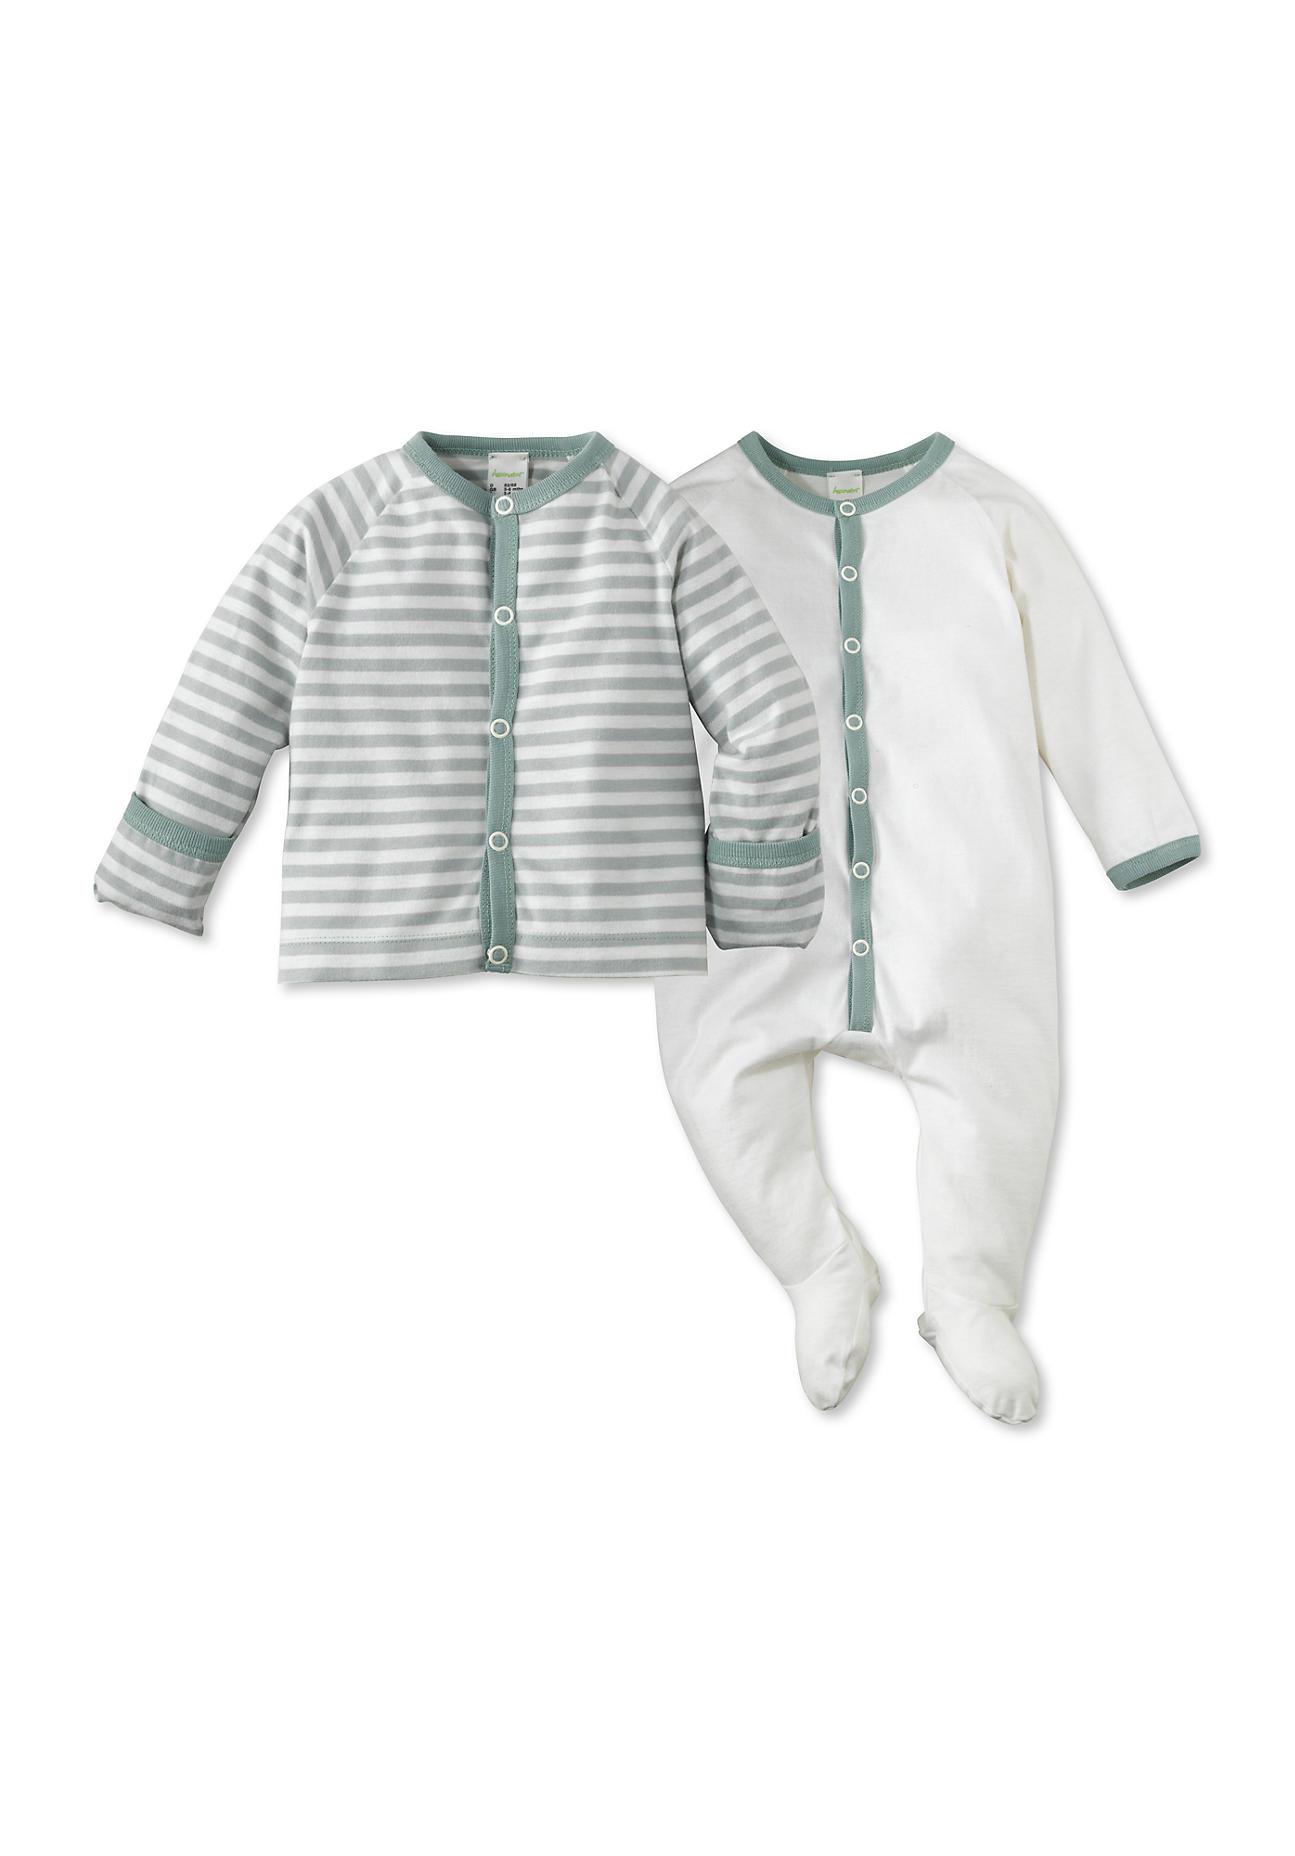 Image of hessnatur Baby Erstausstattung aus Bio-Baumwolle – grün – Größe 50/56